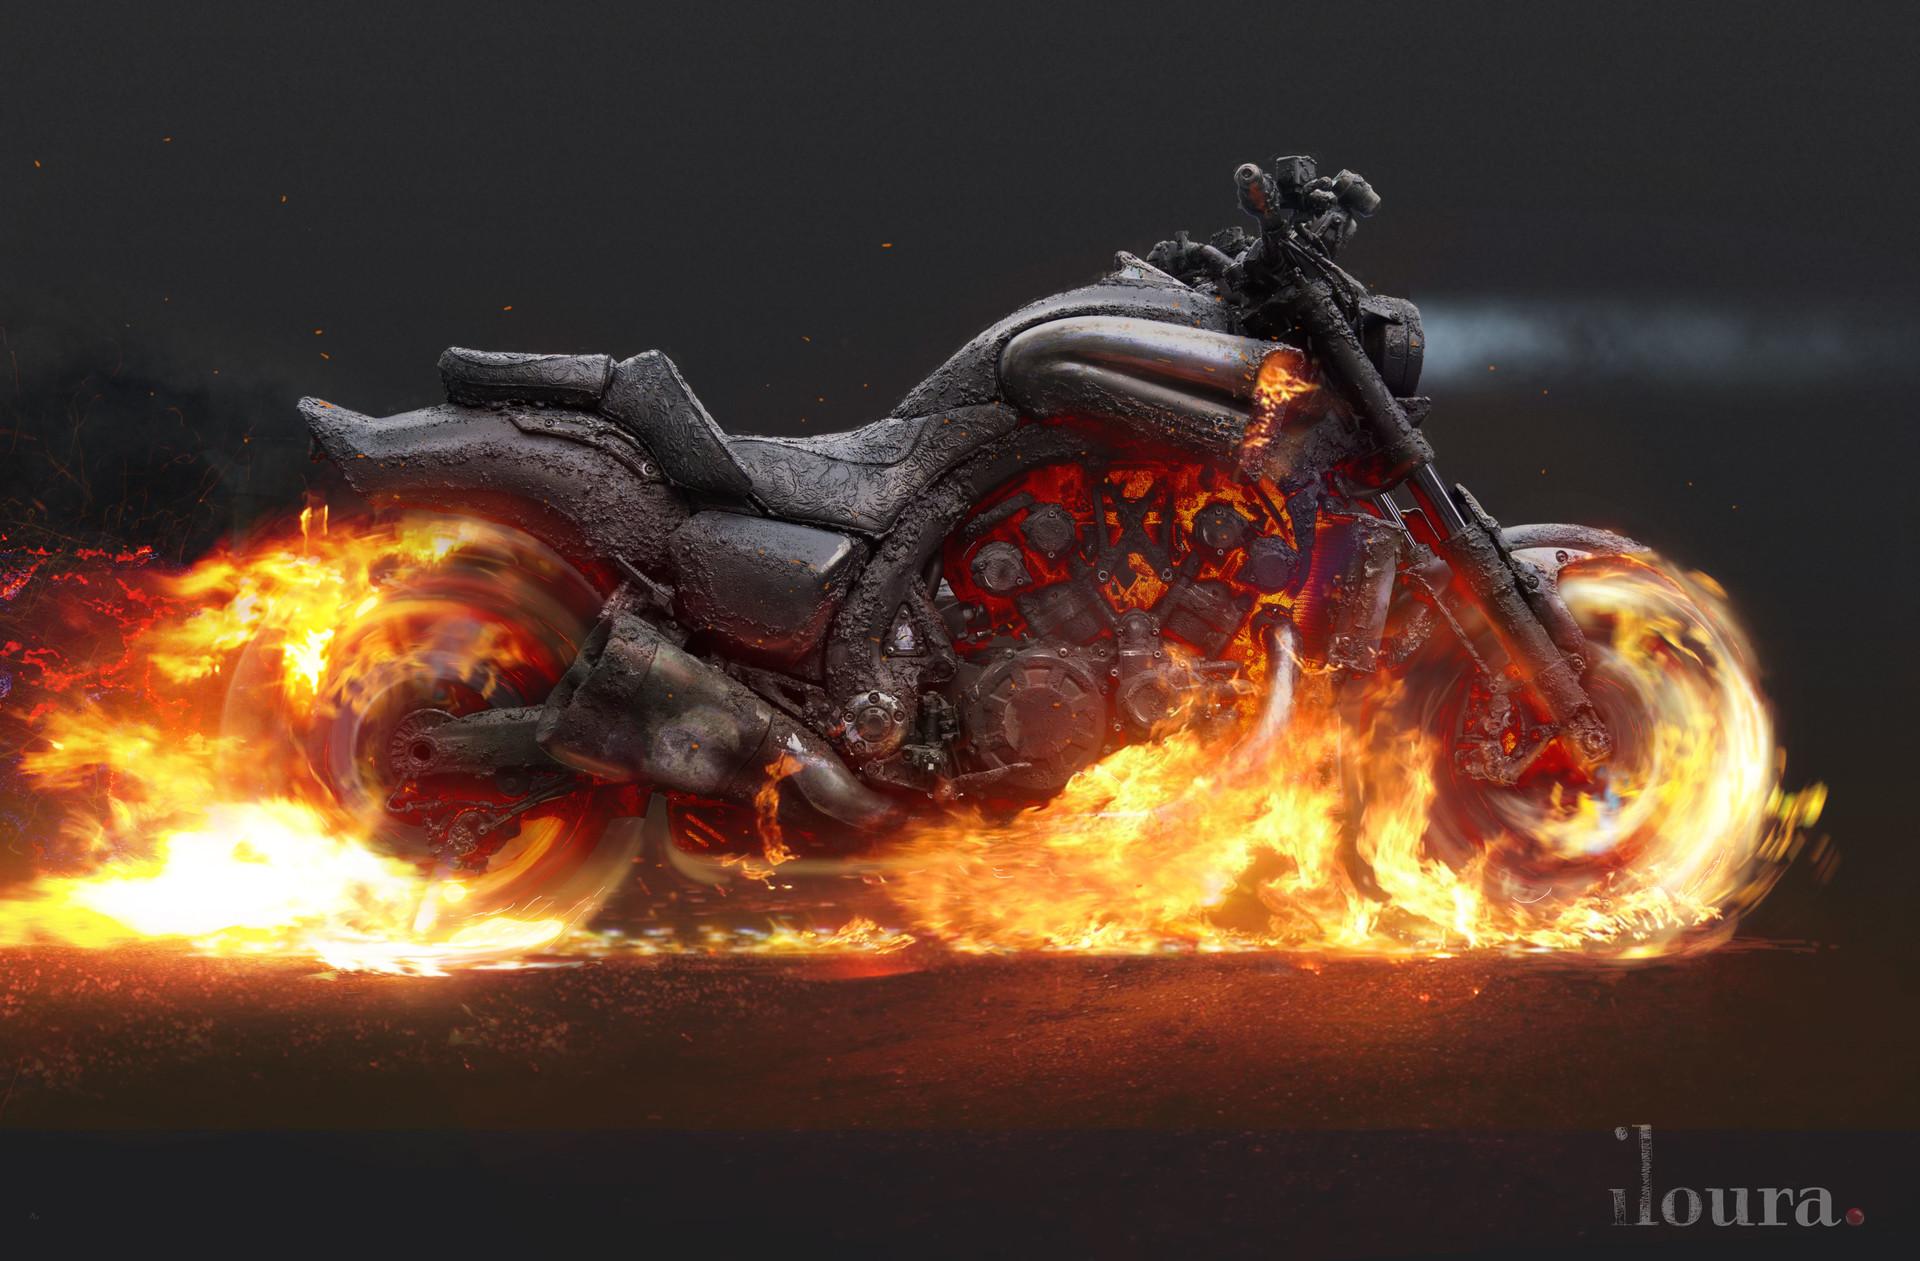 Glenn melenhorst hell bike v015